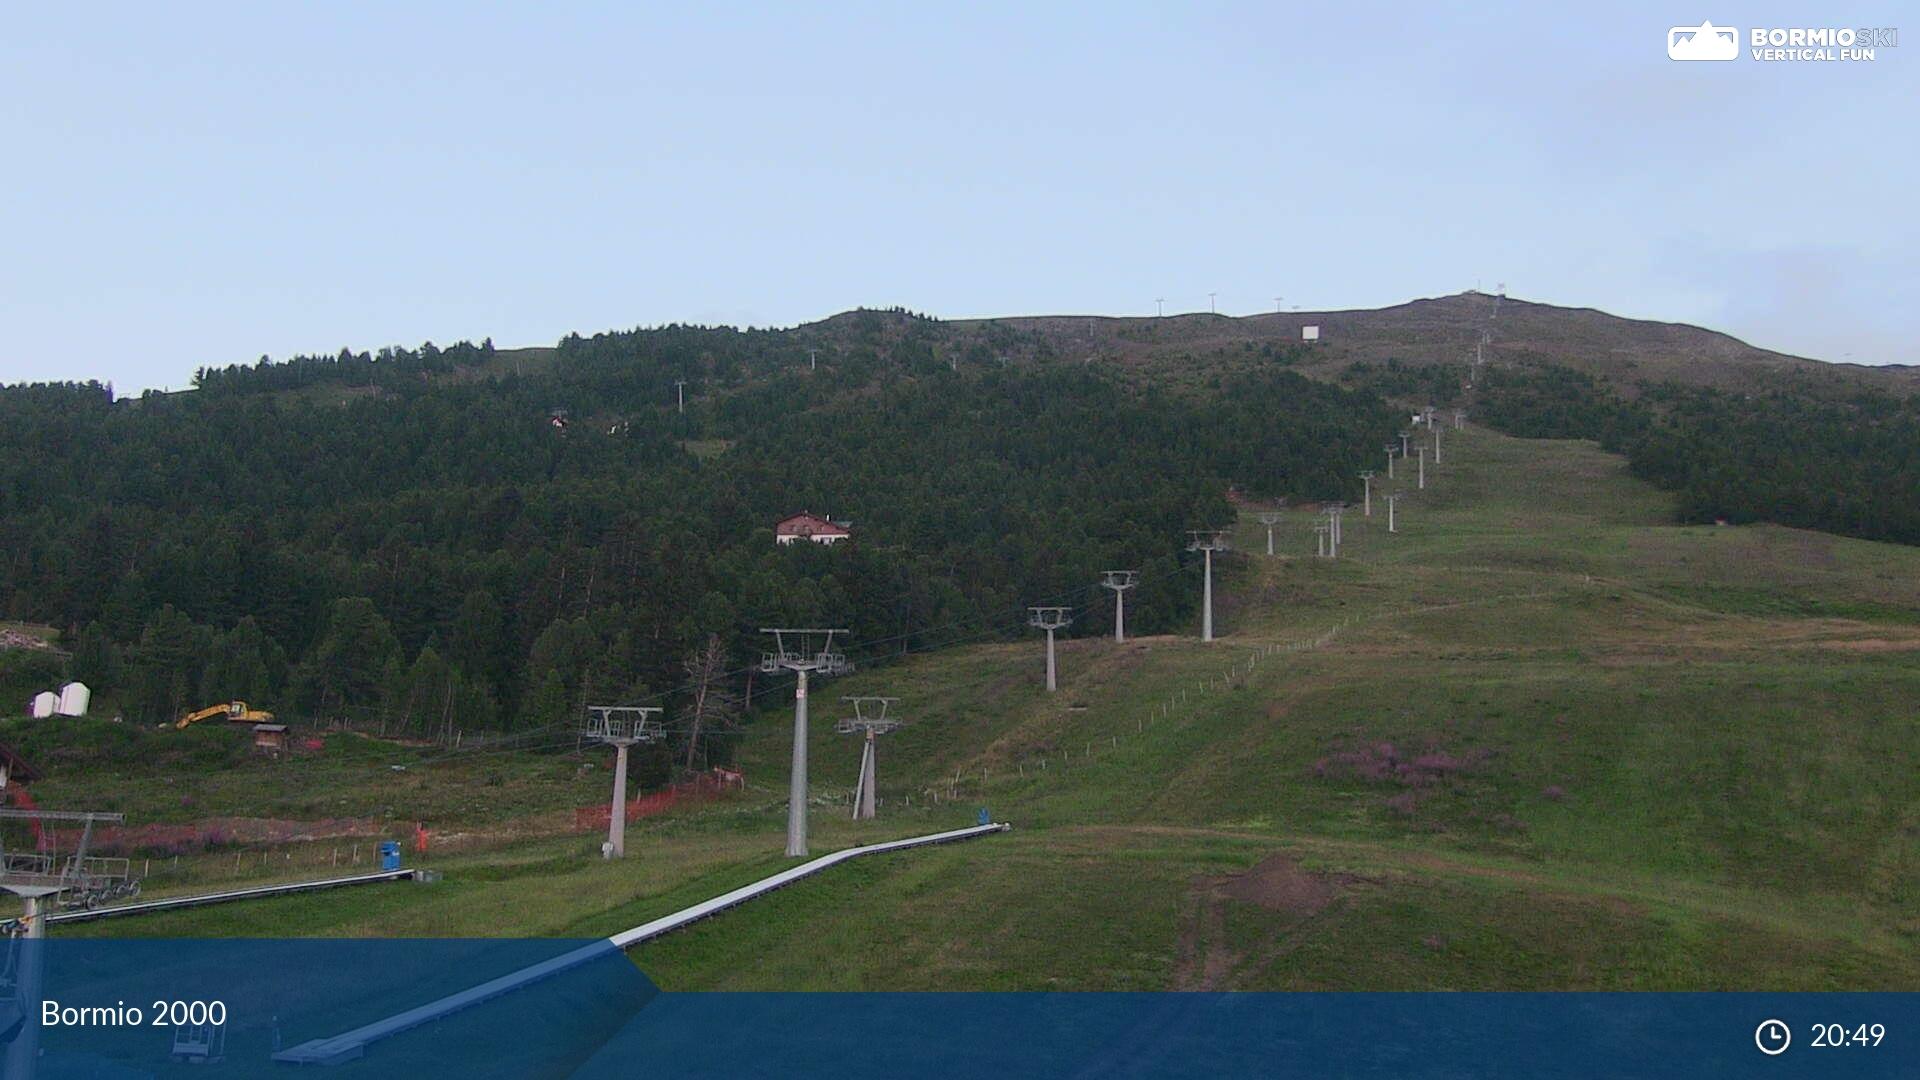 Webcam en Pista Stella Alpina, Bormio (Alpes Italianos)